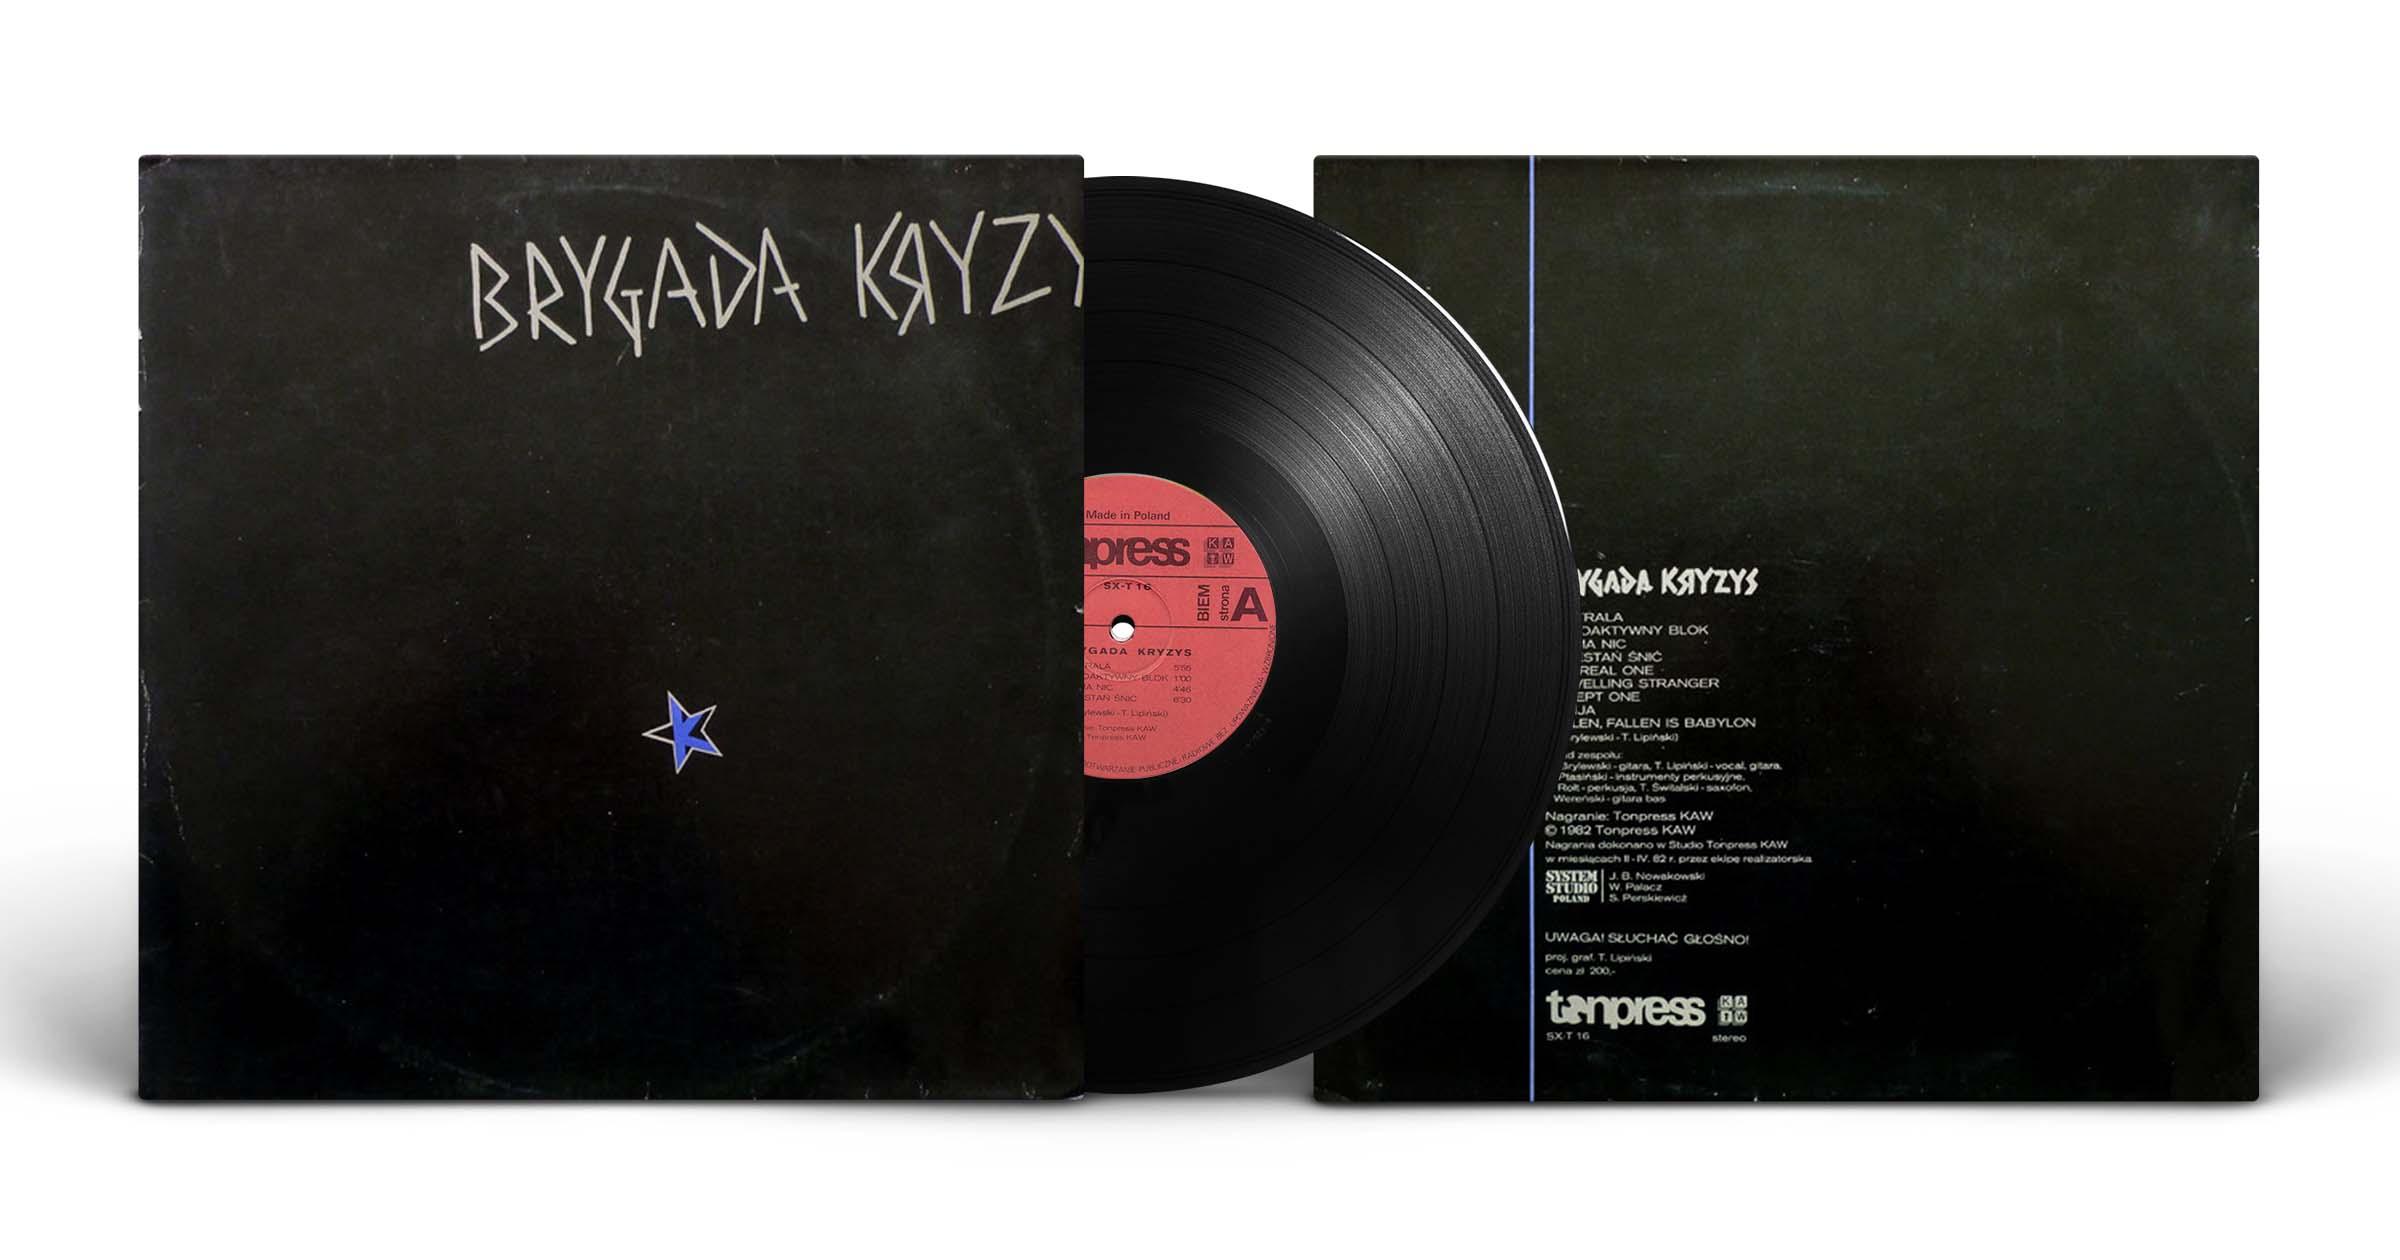 """3.Brygada Kryzys, """"Brygada Kryzys"""", LP, Tonpress, 1982"""